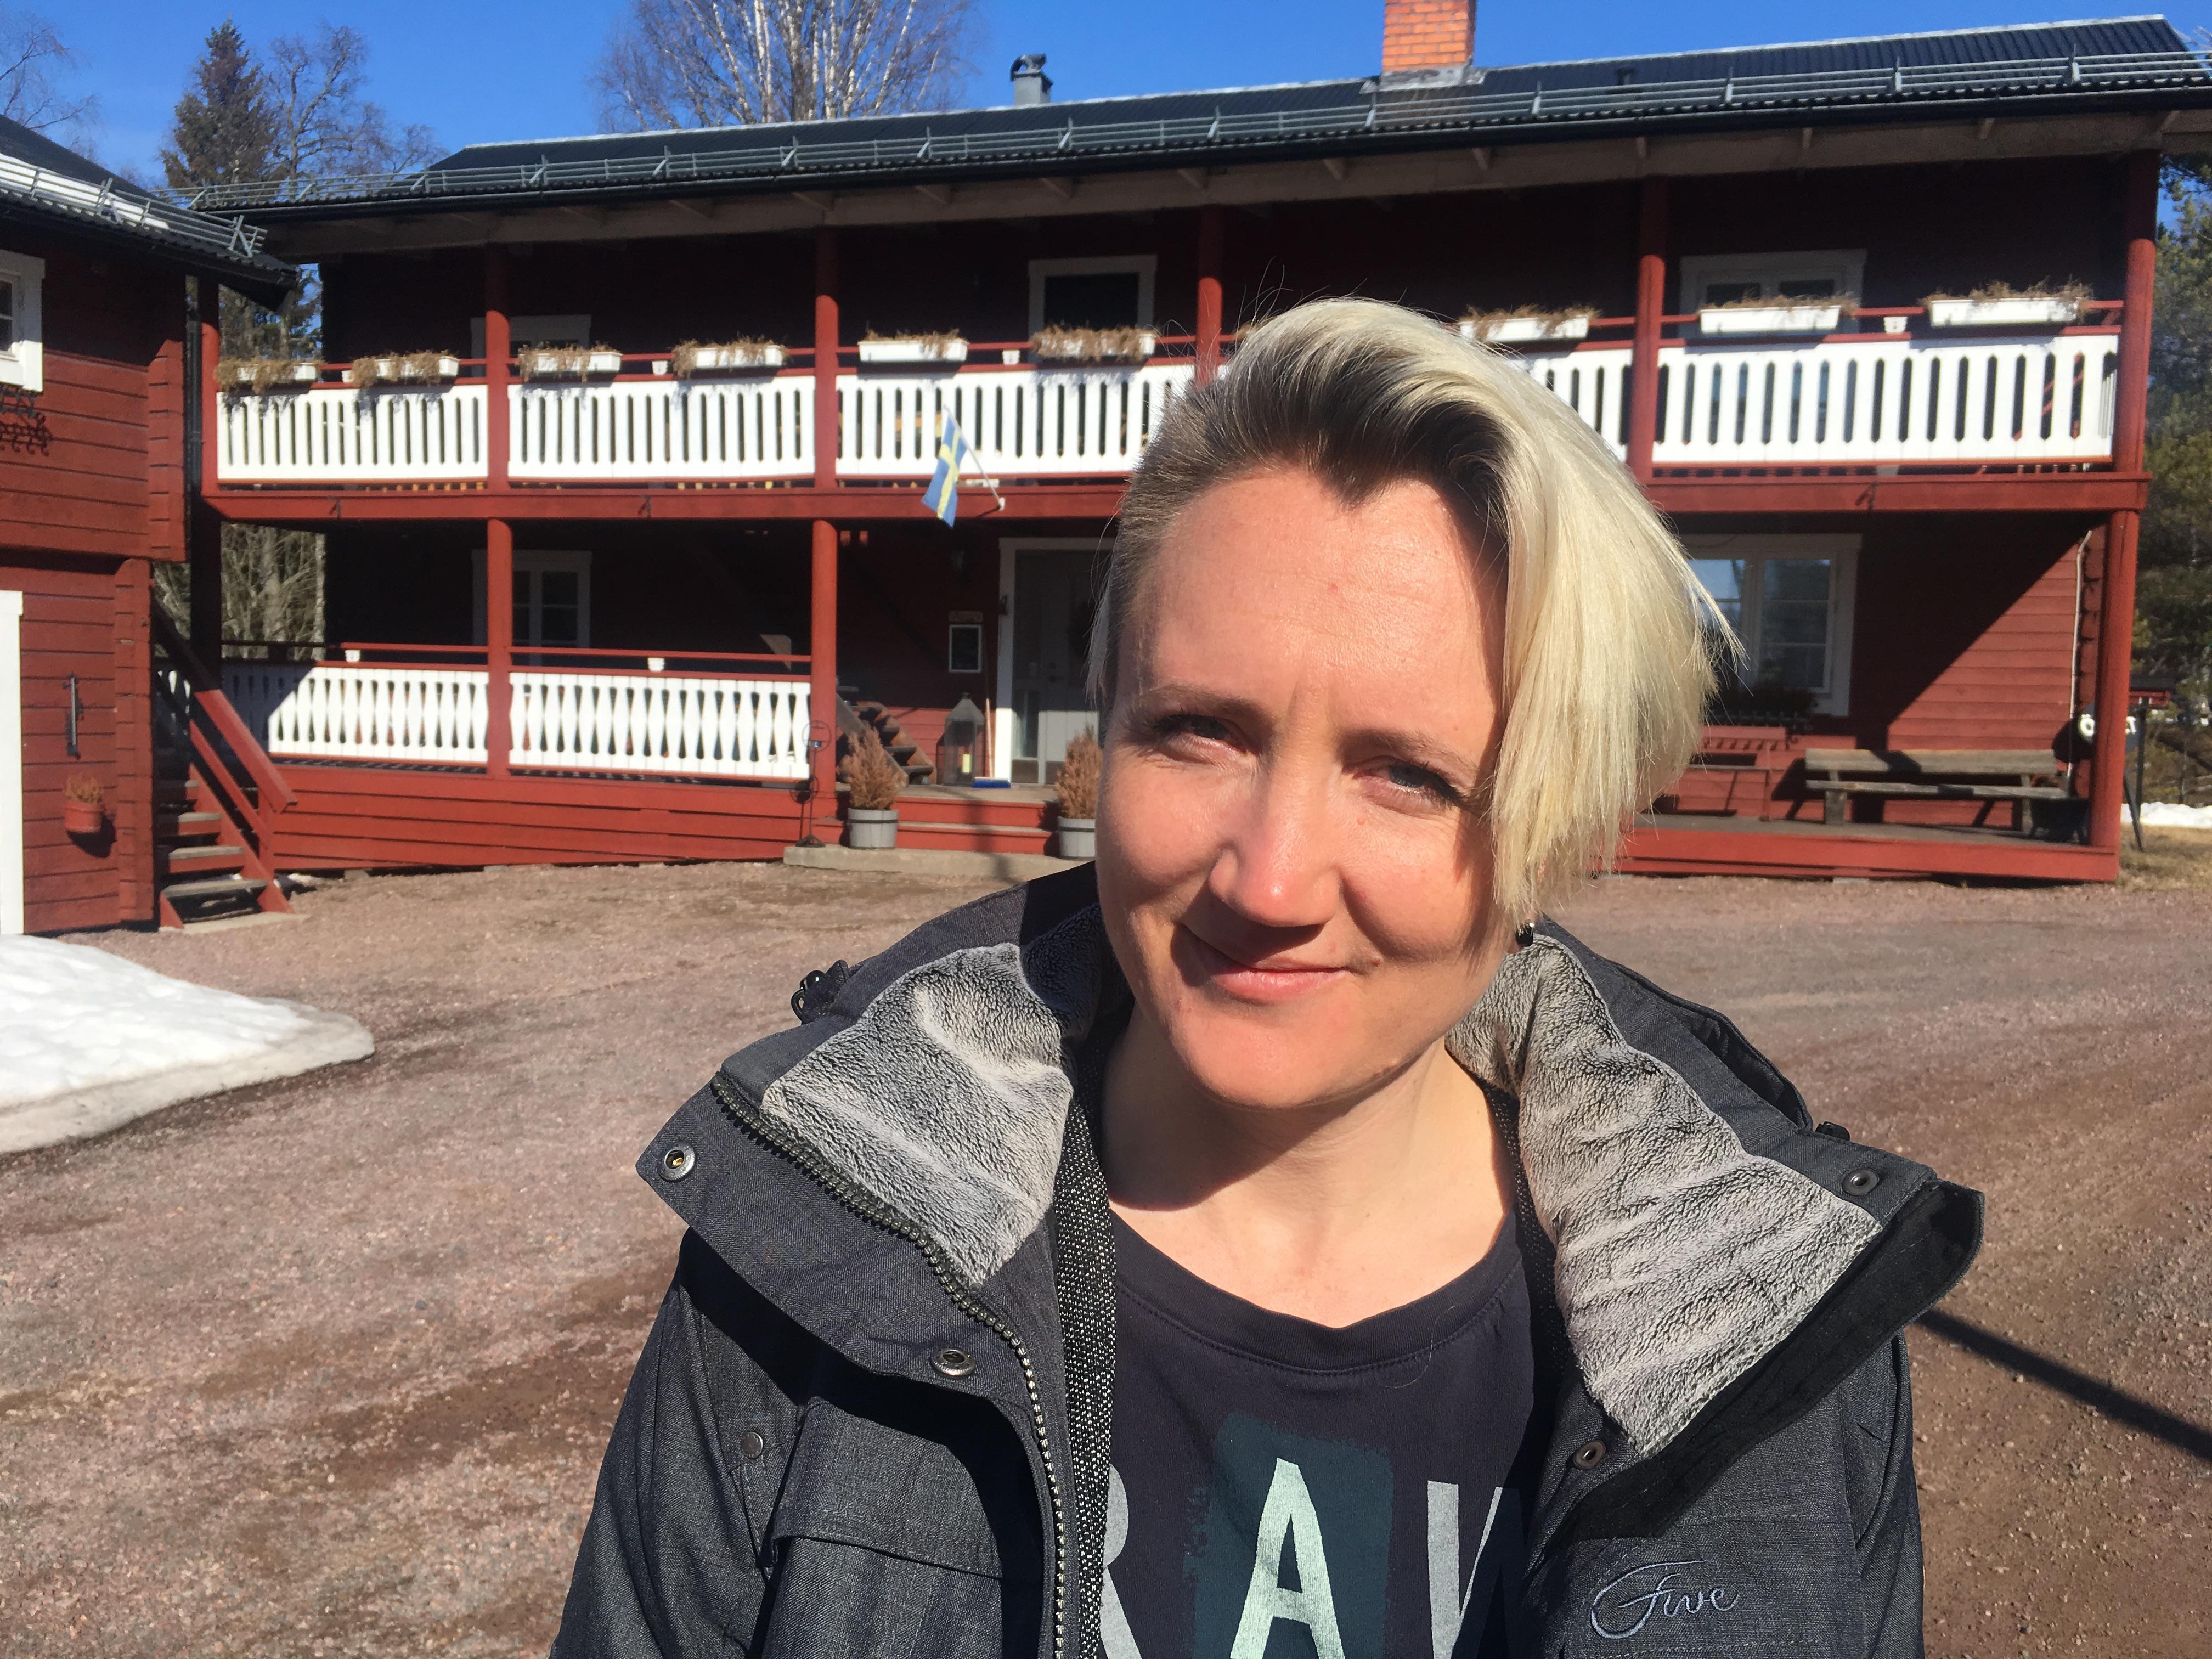 - Det finns inget i skollagen som hindrar kommunen från att ge barn skjuts från fritids, menar Catrin Grönvall.